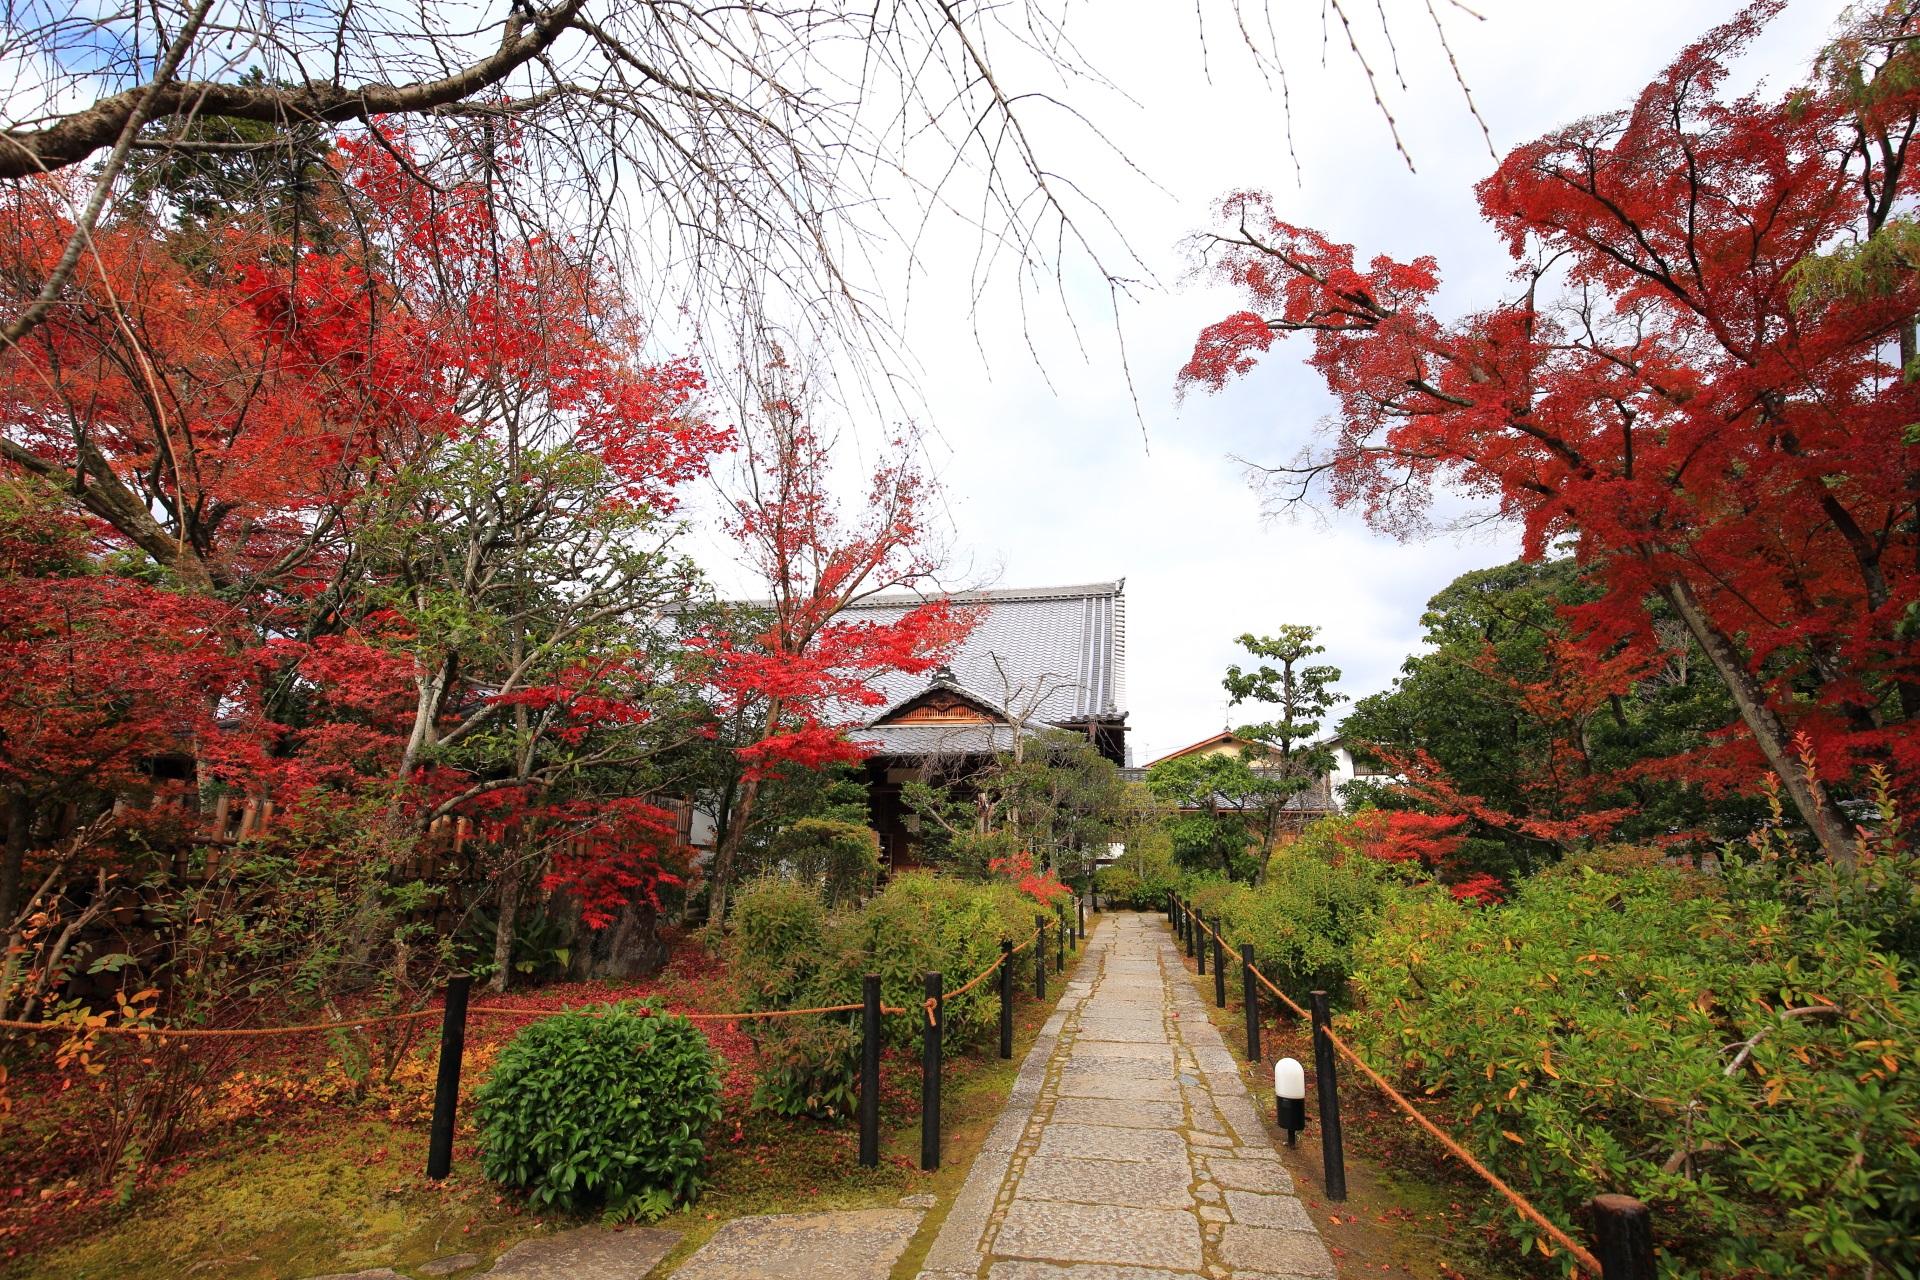 妙心寺大法院の参道の紅葉